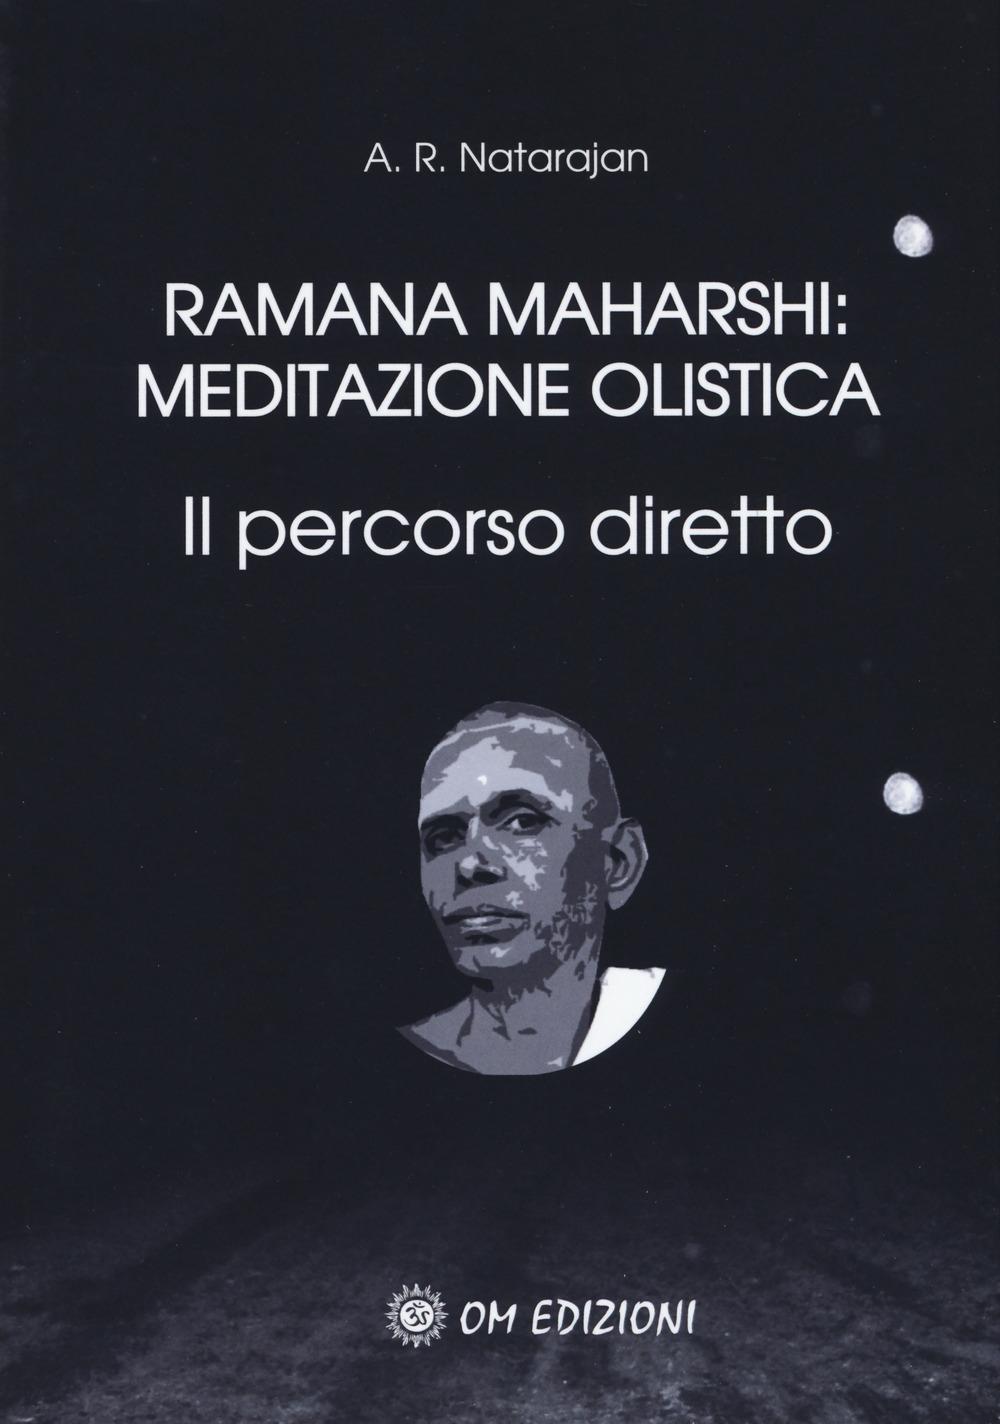 Ramana maharshi meditazione olistica. Il percorso diretto